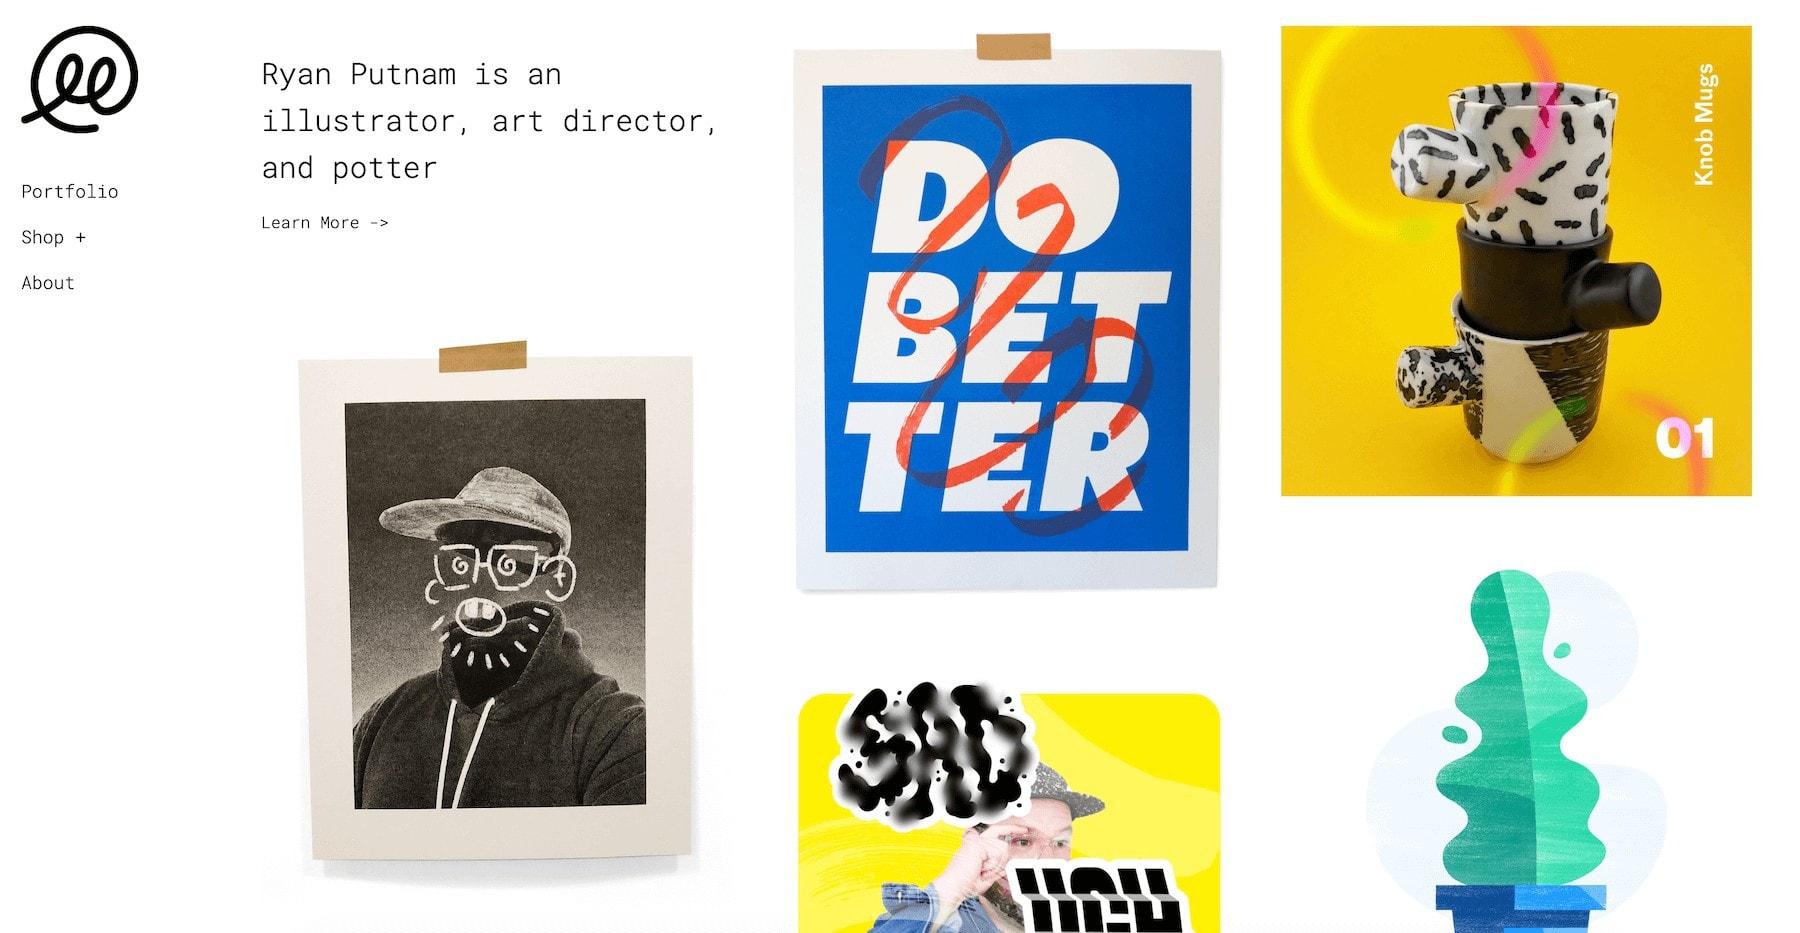 ryan putnam design portfolio website